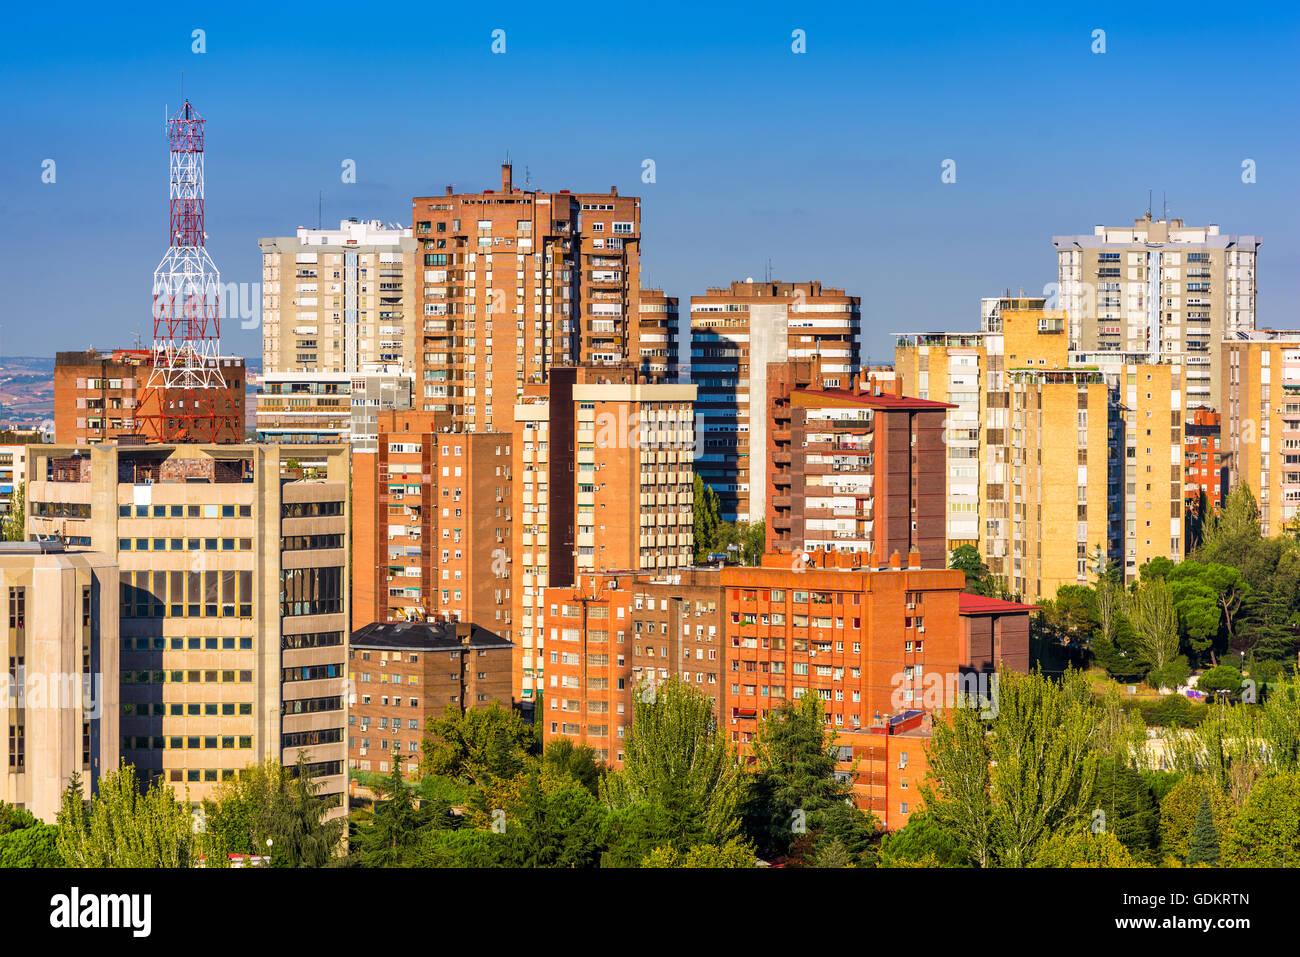 Espagne, Madrid, Metropolitan, centre-ville, s'élève, appartements, Iberia, vue, d'affaires, d'Europe, Photo Stock